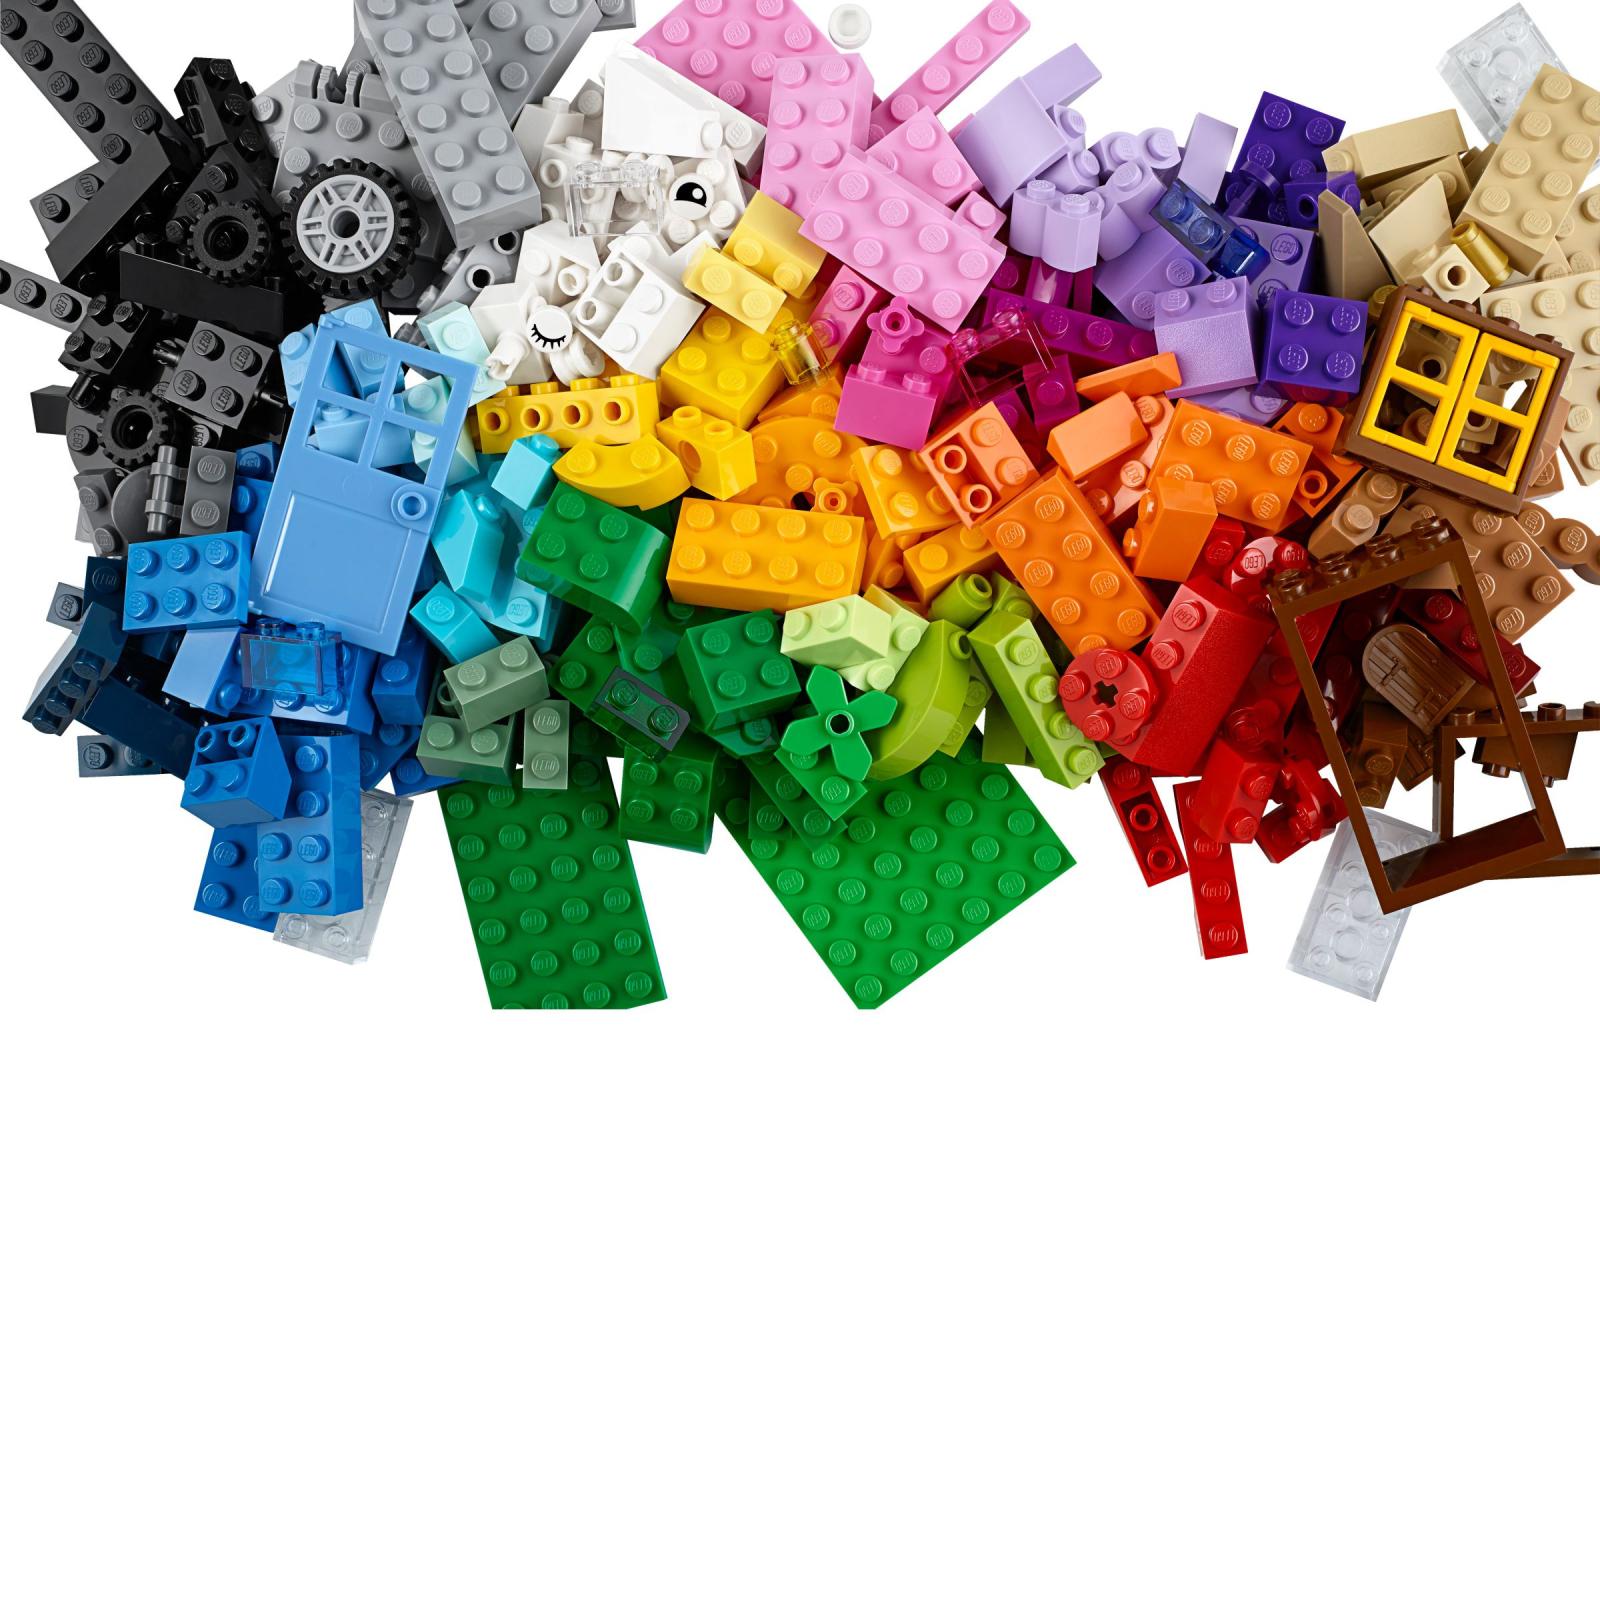 Конструктор LEGO Classic Набор кубиков для свободного конструирования (10702) изображение 11